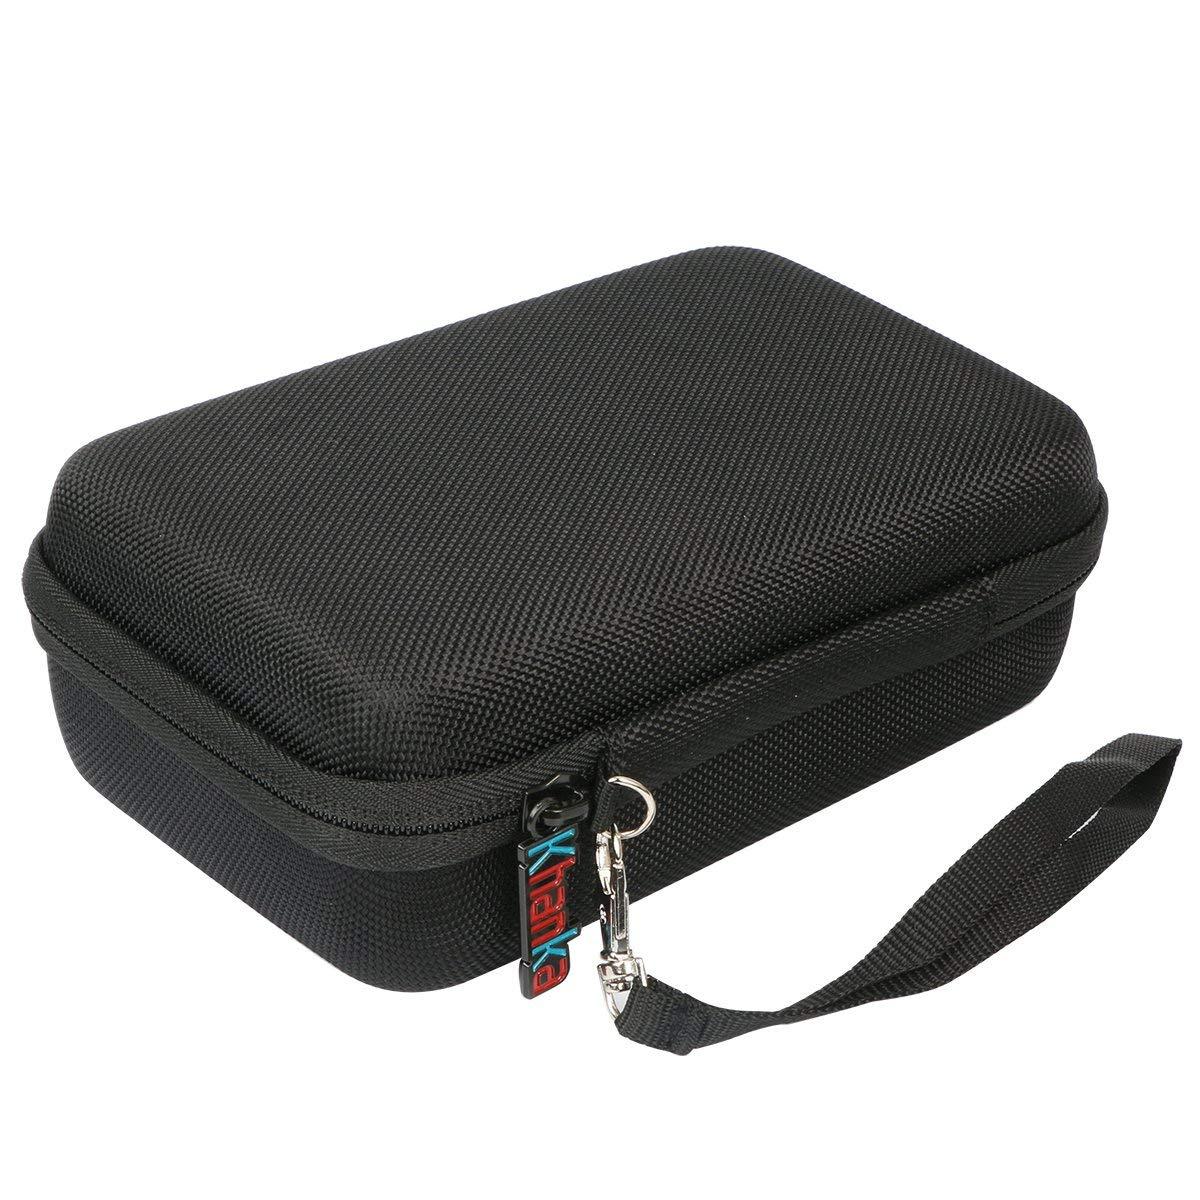 pour DBPOWER DJS40 300A Peak 8000mAh Booster Batterie Portable Jump Starter D/émarreur de Voiture et Fonction Batterie Externe EVA Dur Cas /étui de Voyage Housse par Khanka